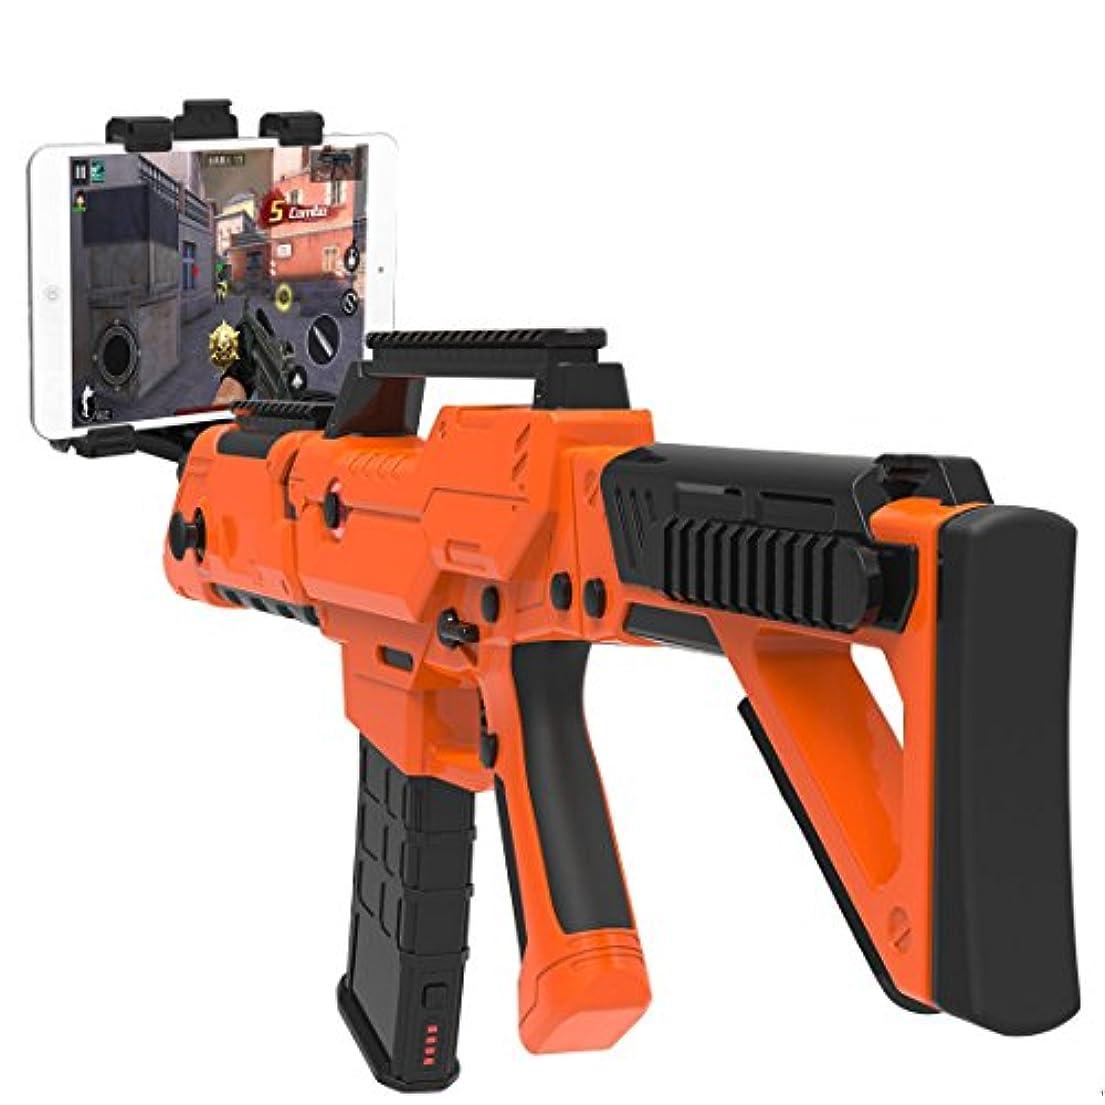 底持ってる日常的にBluetoothガンFPSゲームを向きた射撃のコントローラーVRとtabletとスマホを対応(オレンジ)